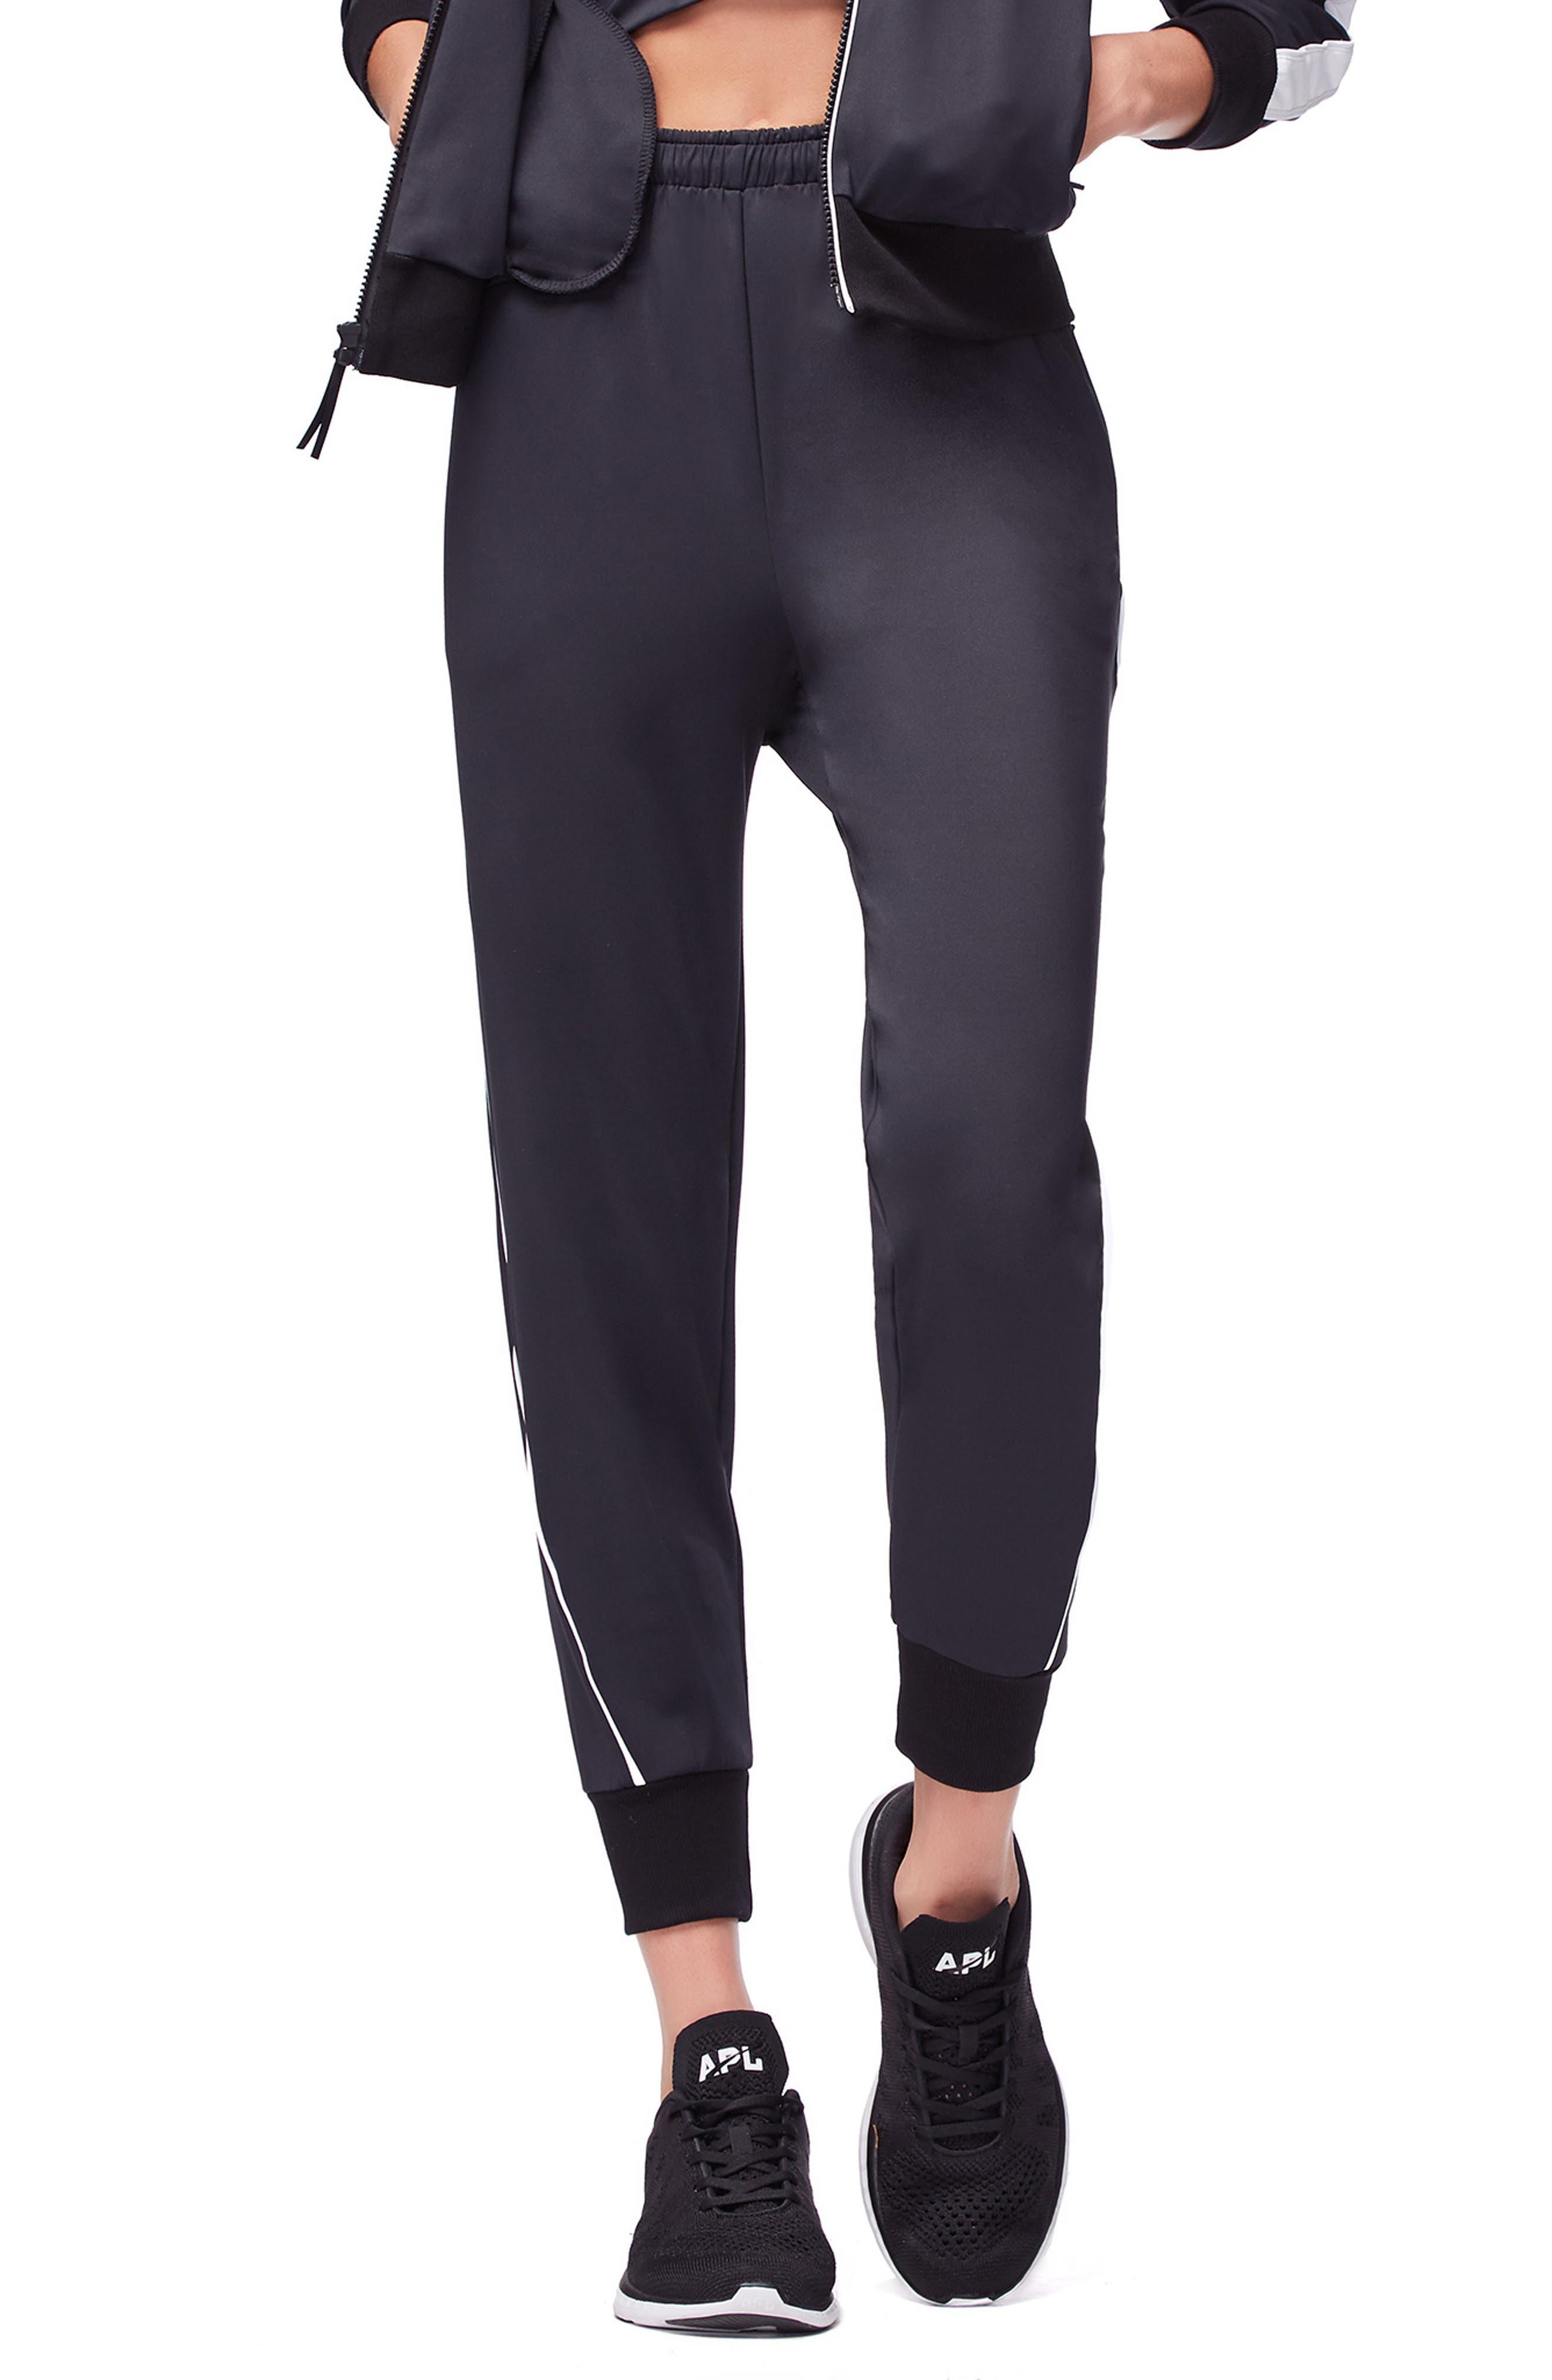 Piped Jogger Pants,                             Main thumbnail 1, color,                             BLACK001